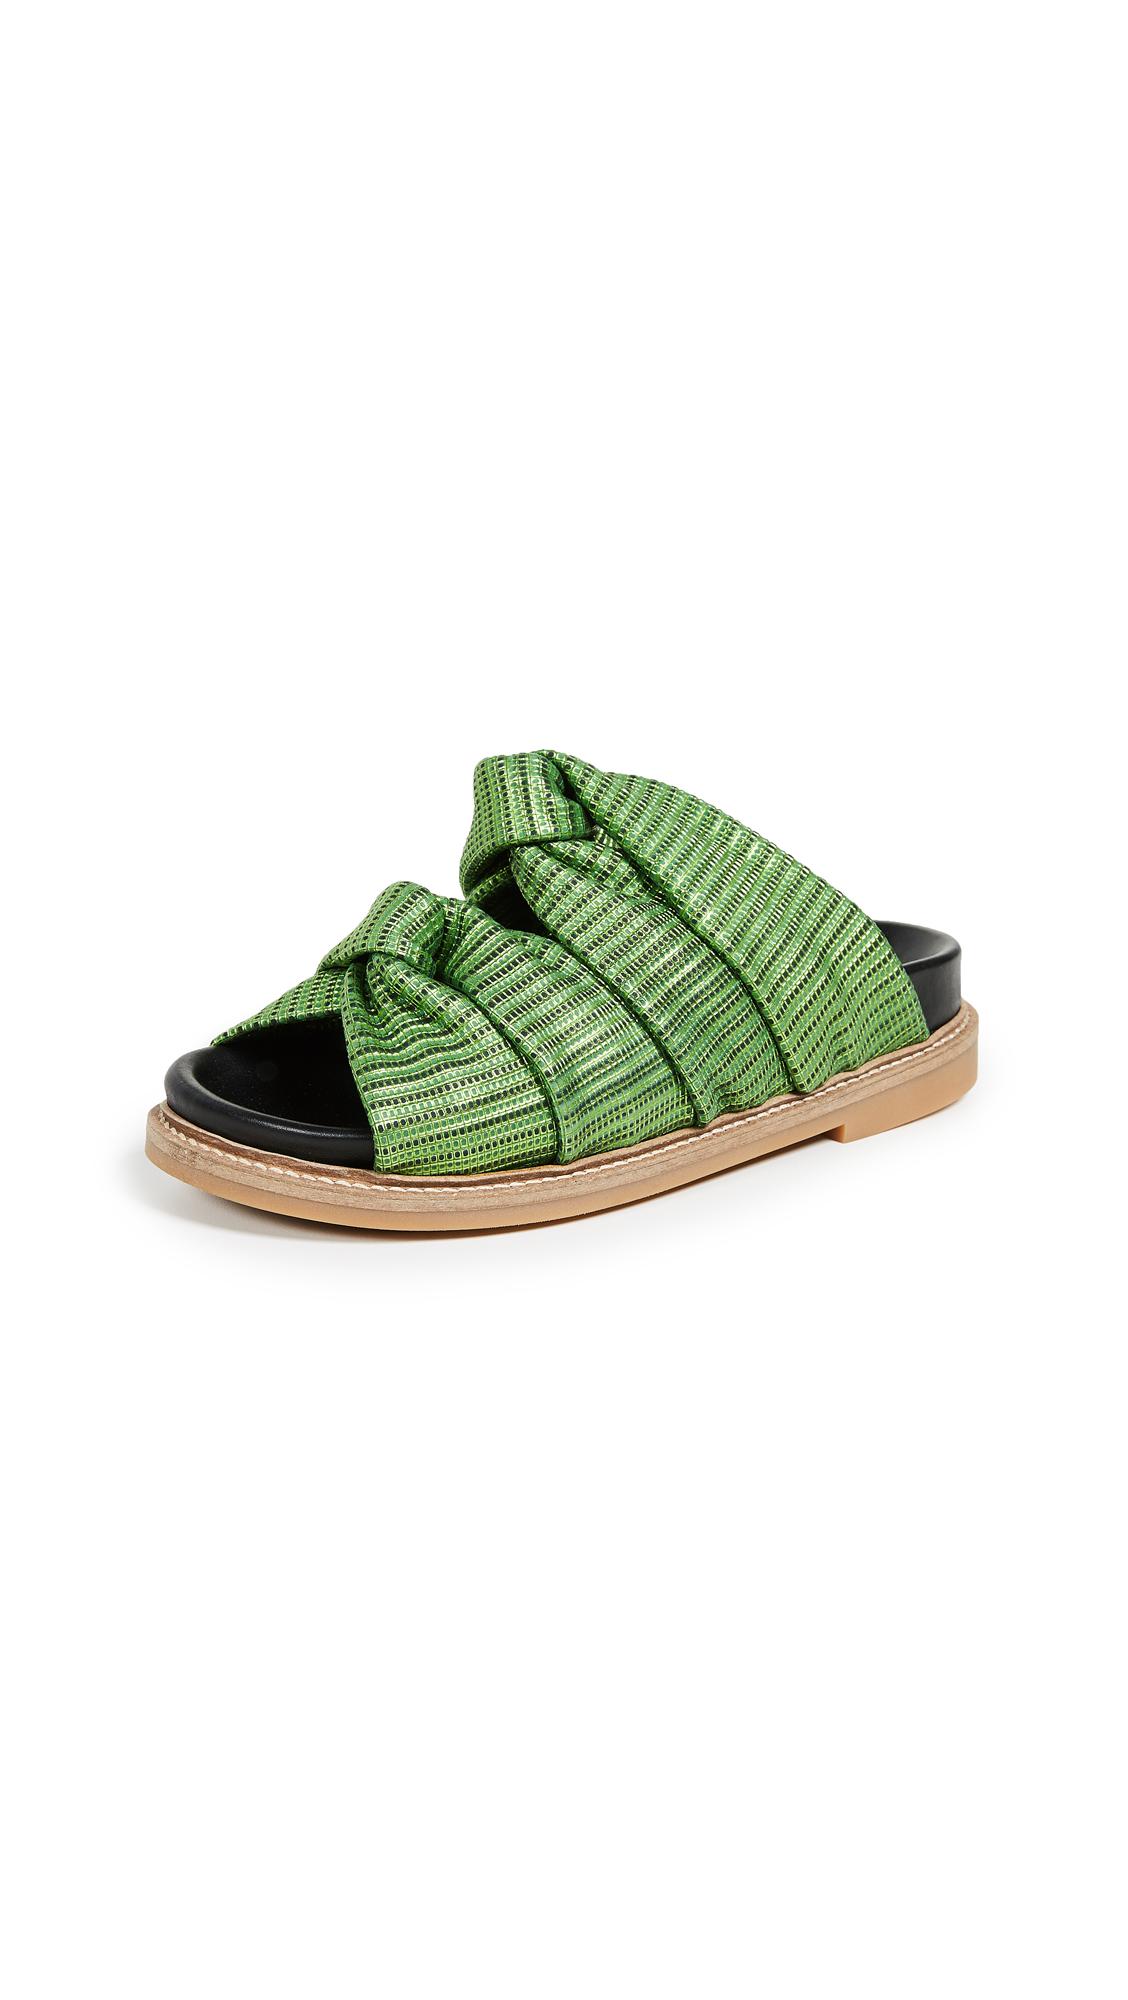 Ganni Anoush Slides - Classic Green